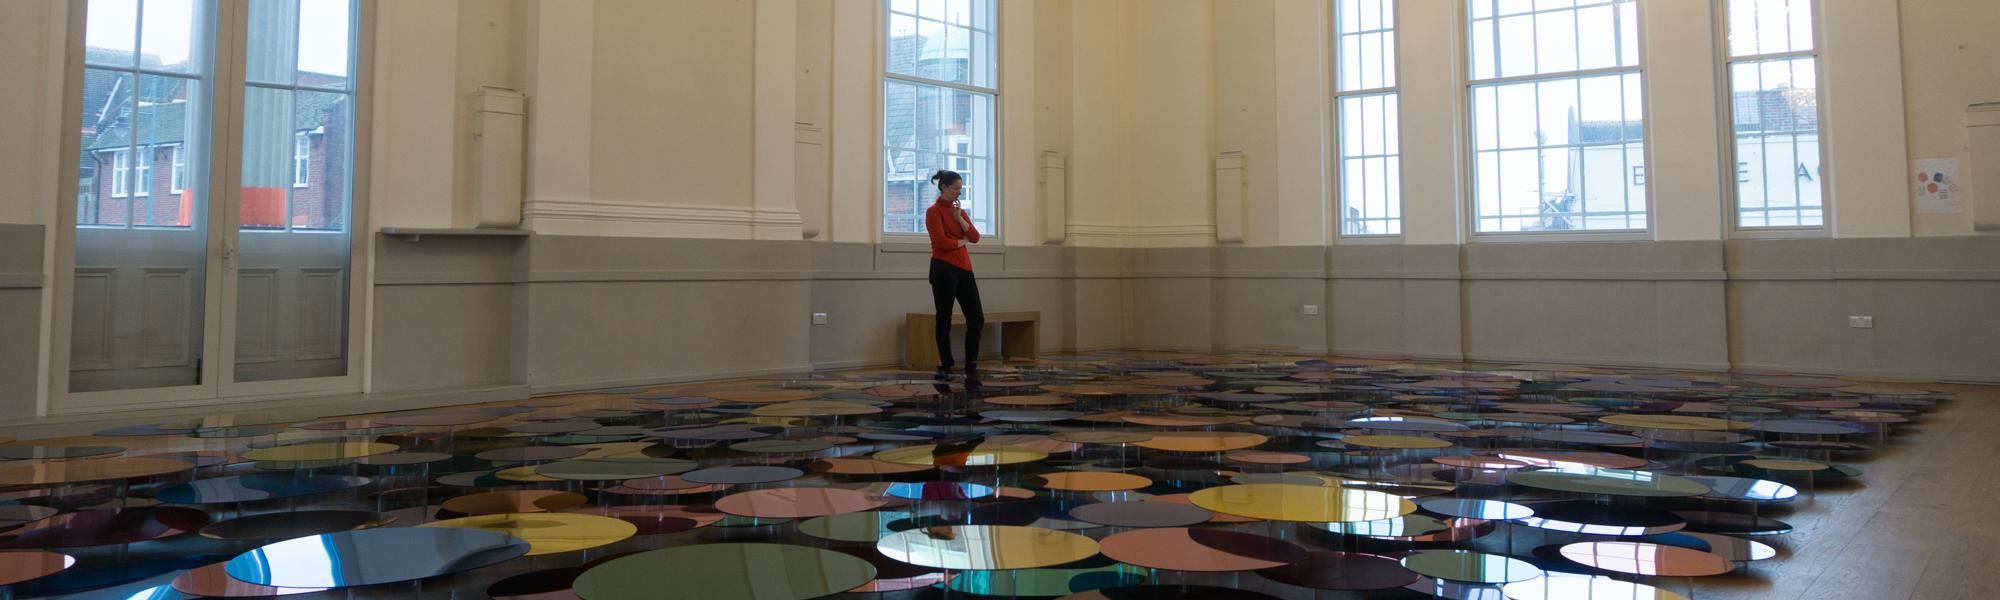 Liz West, Our Colour Reflection, UHArts